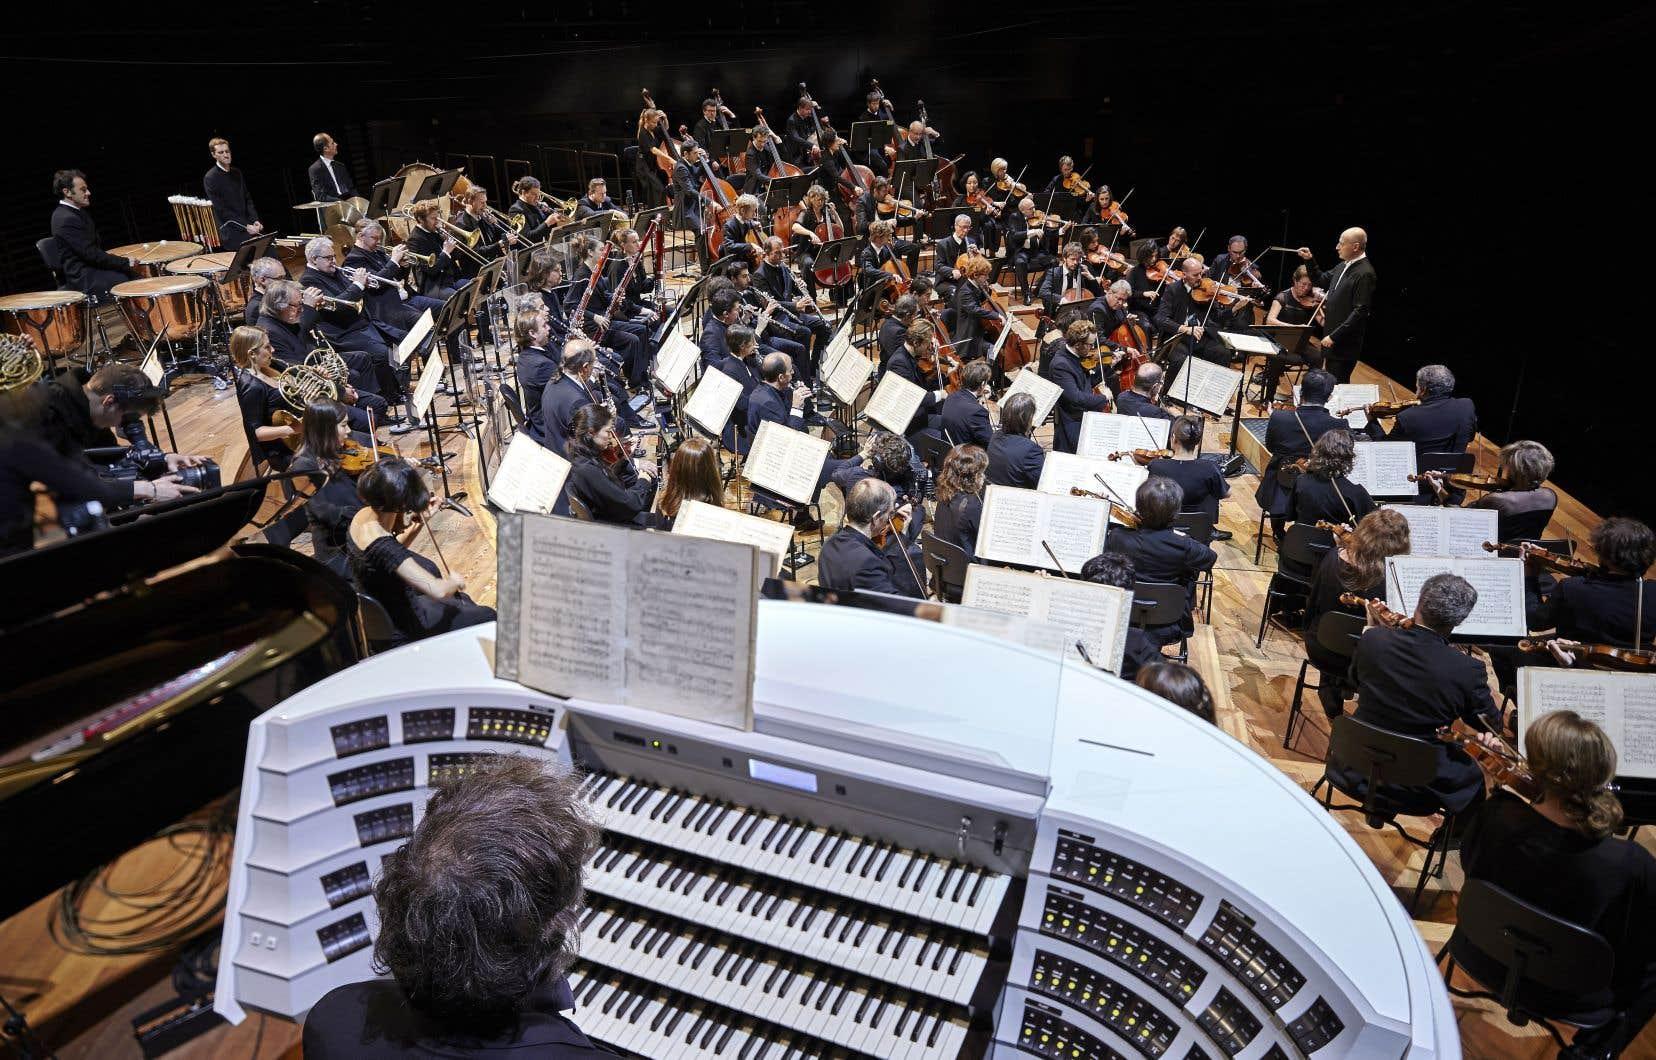 Classica diffusera notamment, le 6 novembre, le concert inaugural du nouvel orgue symphonique de la Philharmonie de Paris.